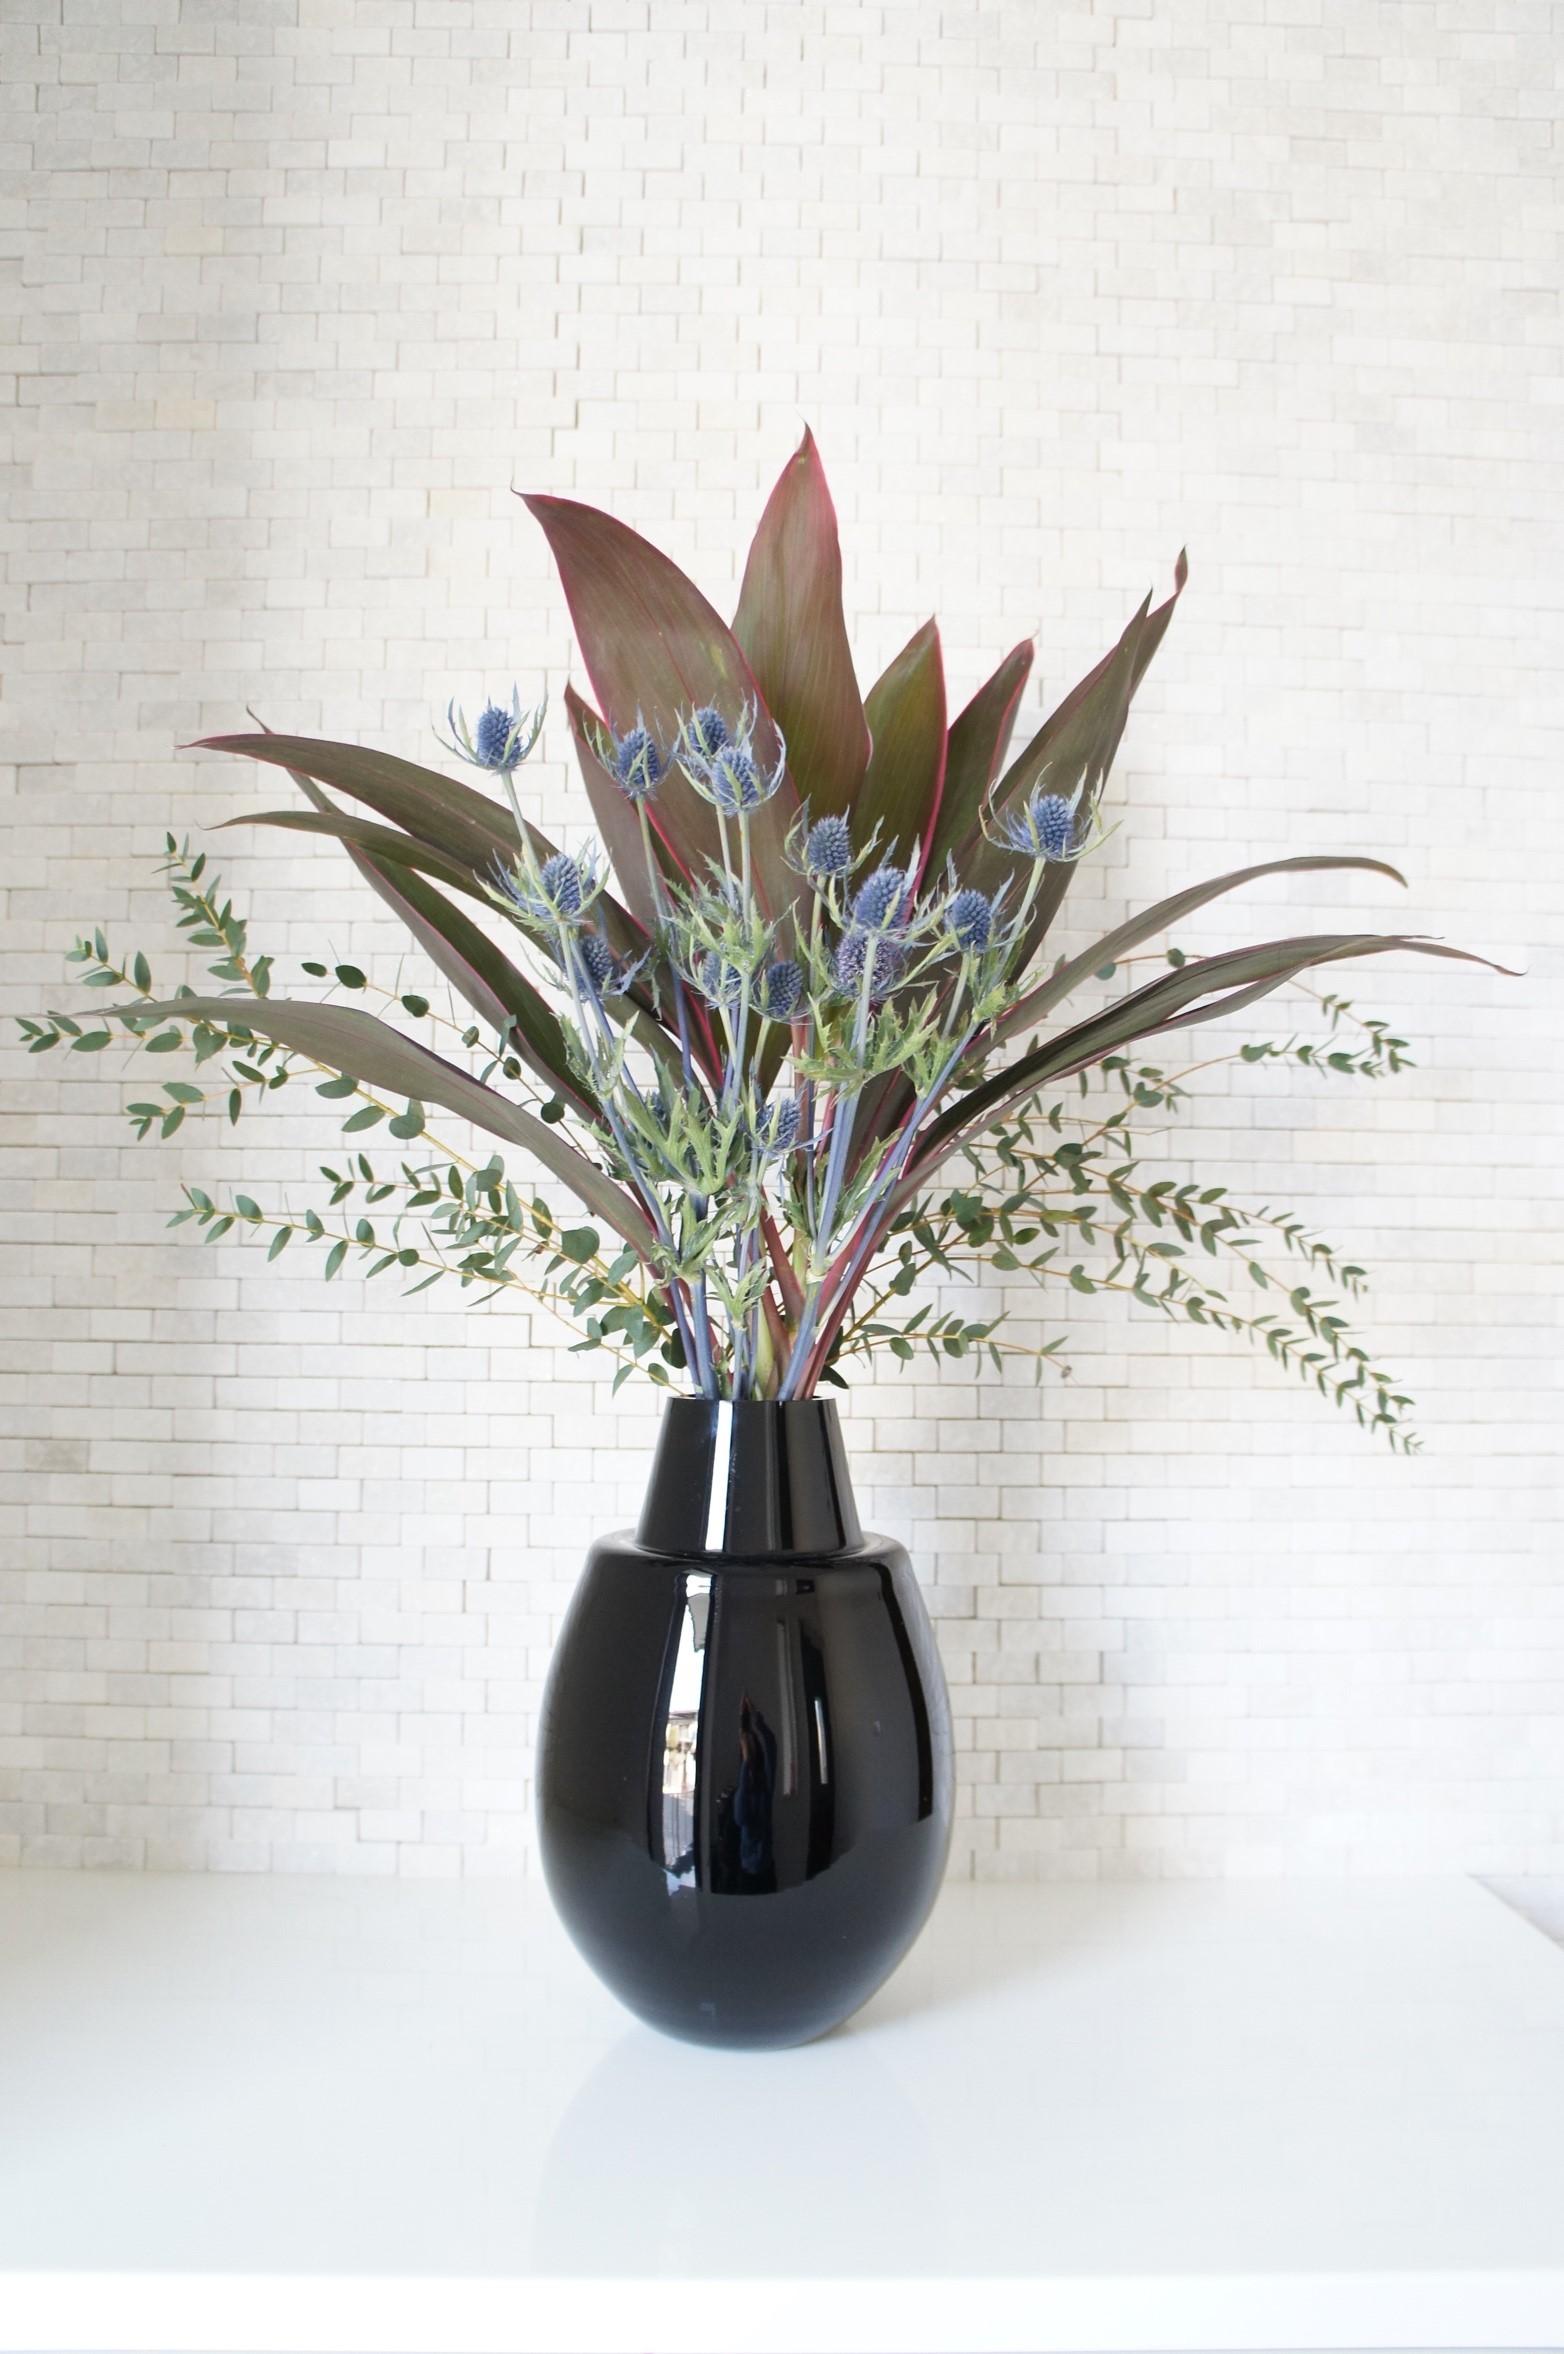 インテリアのグリーン④〇〇なグリーンと花器を選べば個性全開!_1_1